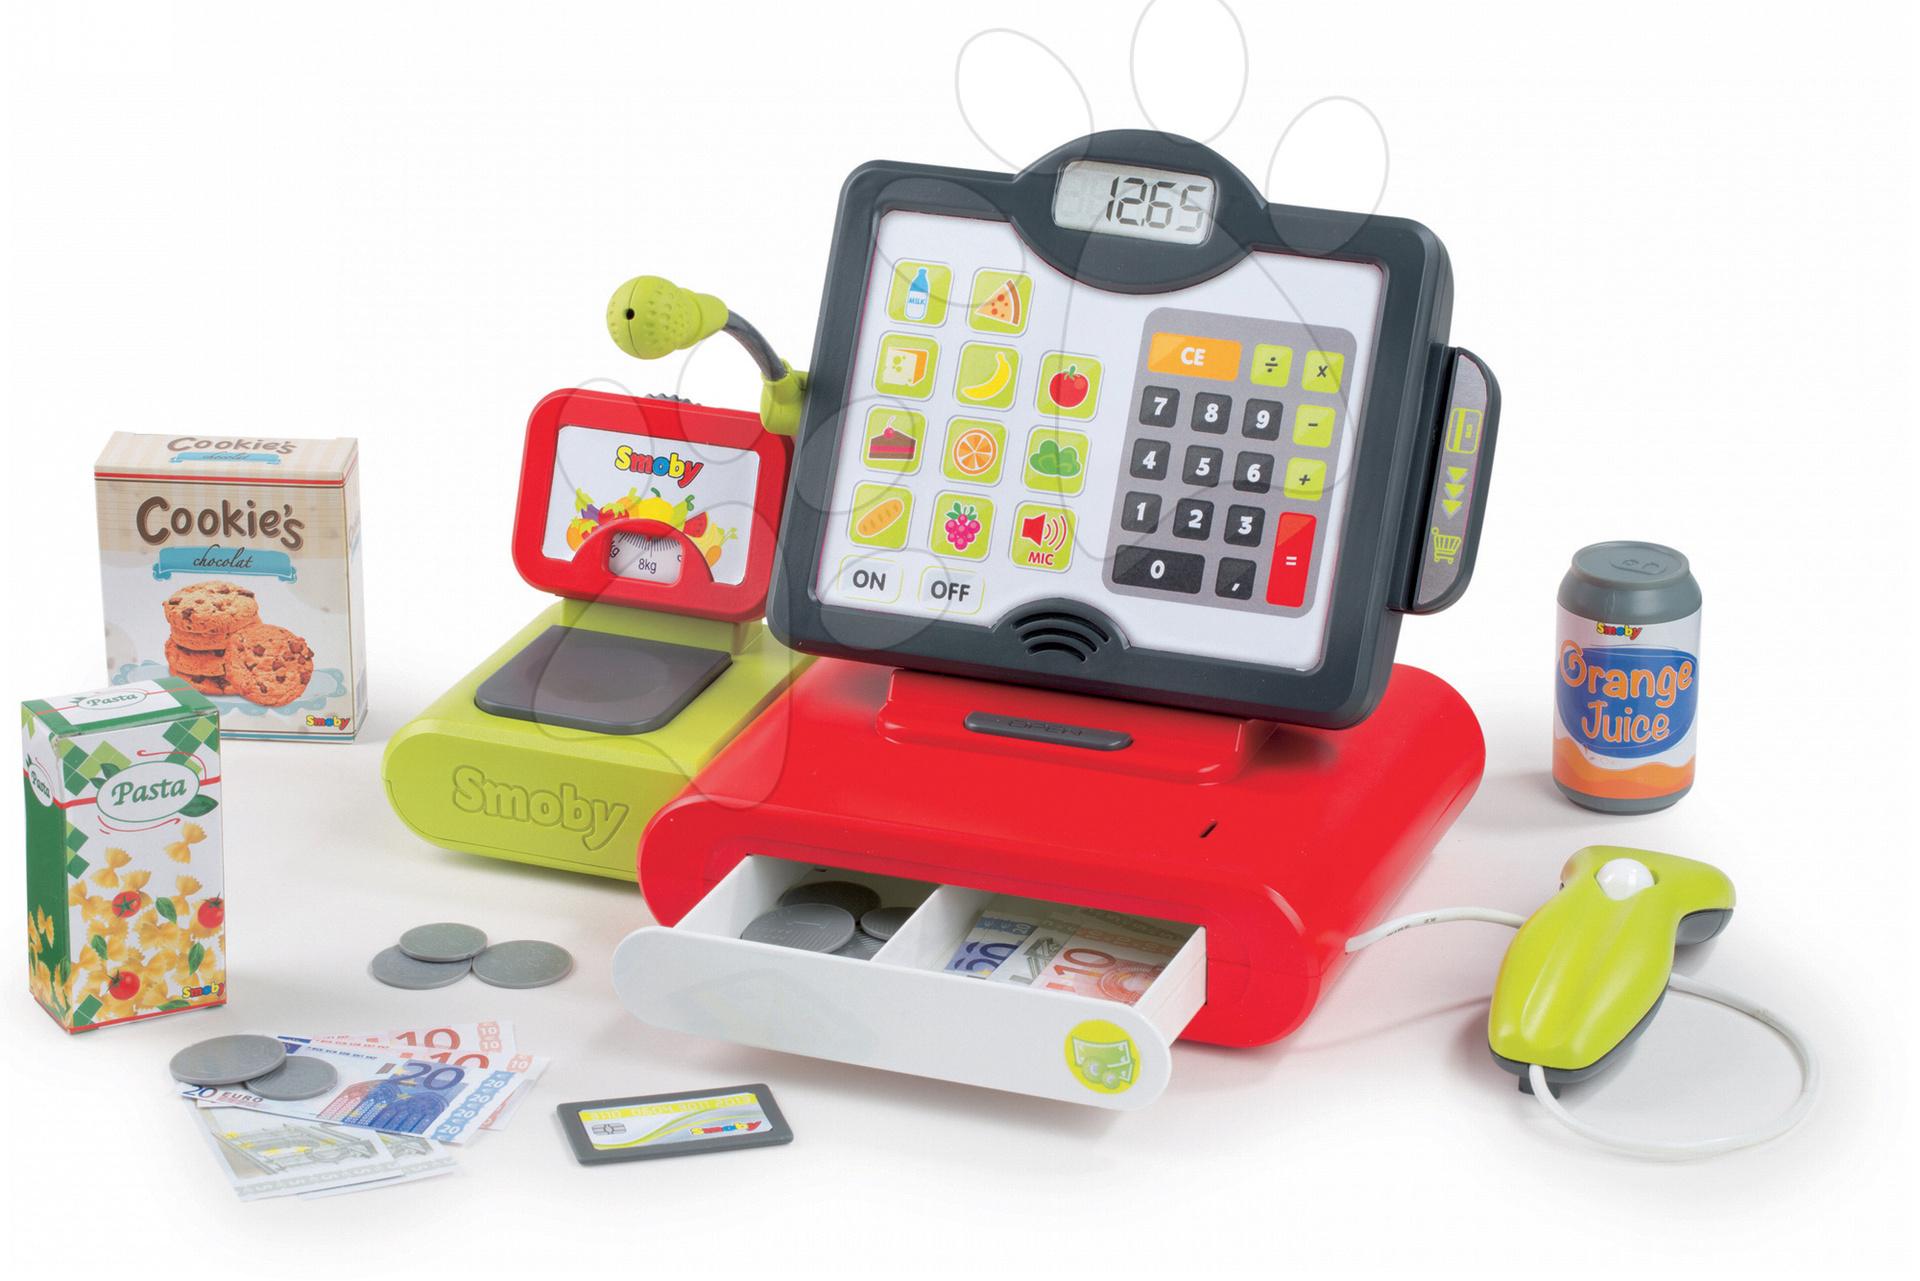 Pokladňa Marchande Smoby elektronická so zvukom, váhou, čítačkou kódov a 25 doplnkami červená